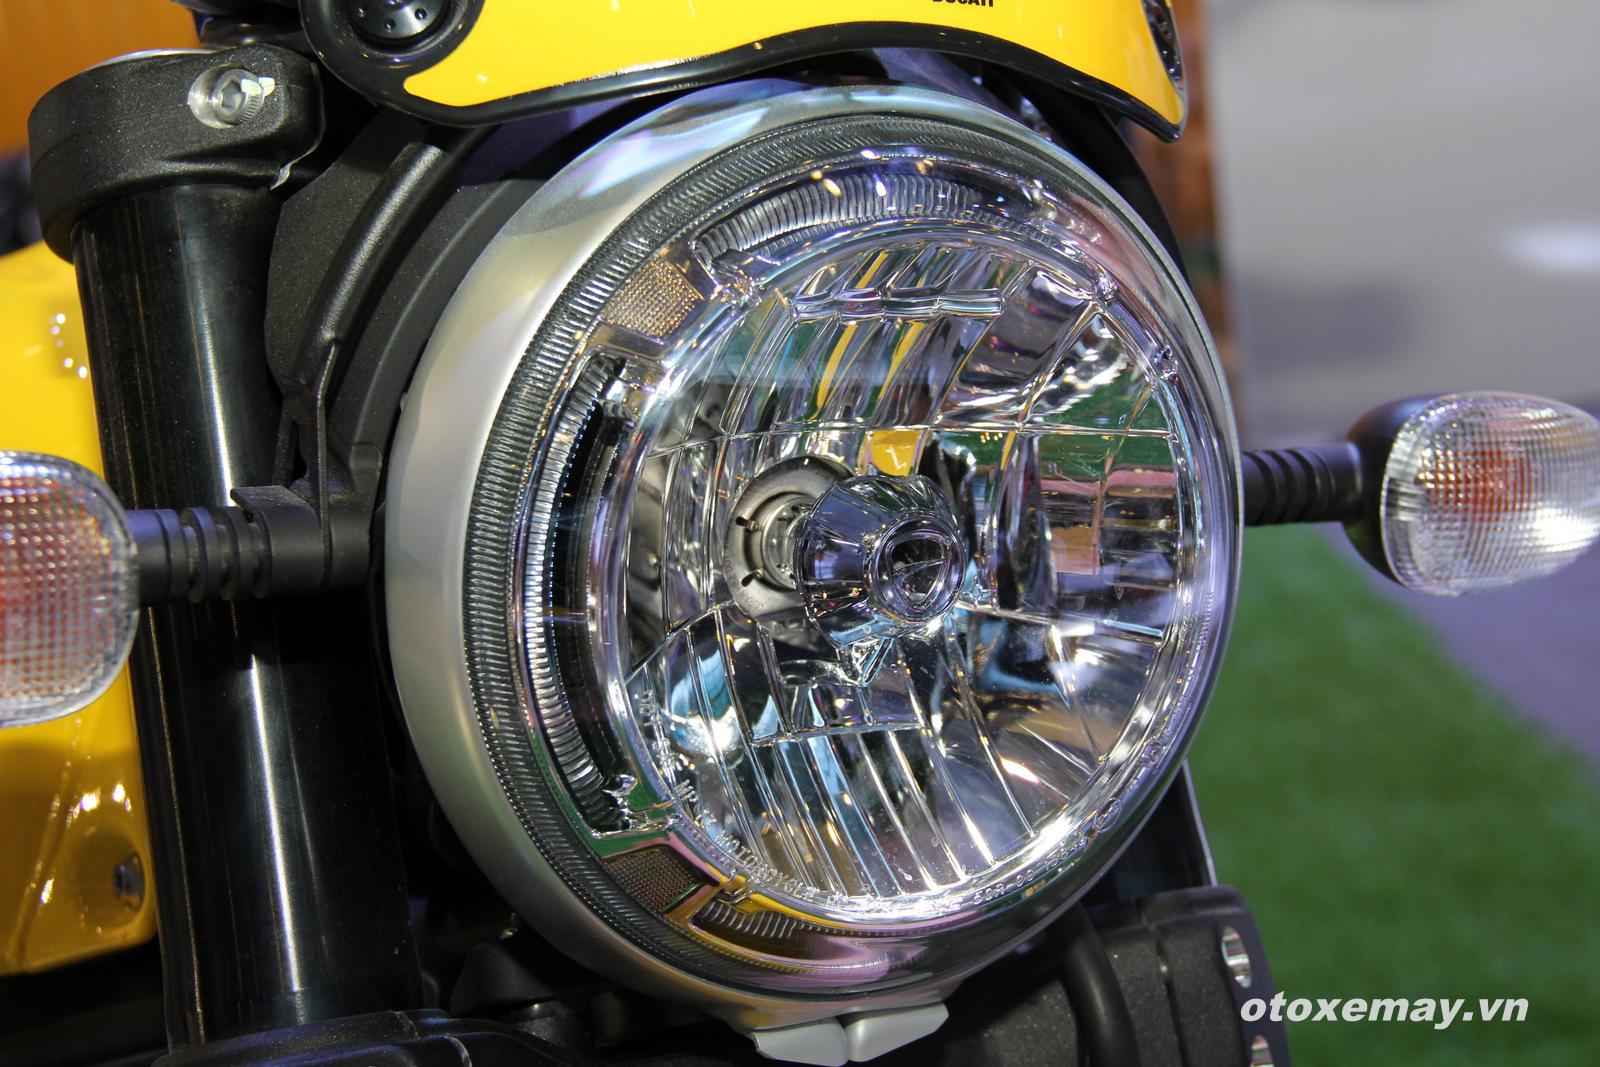 VIMS 2015: Cá tính Ducati khuấy động triển lãm_anh10